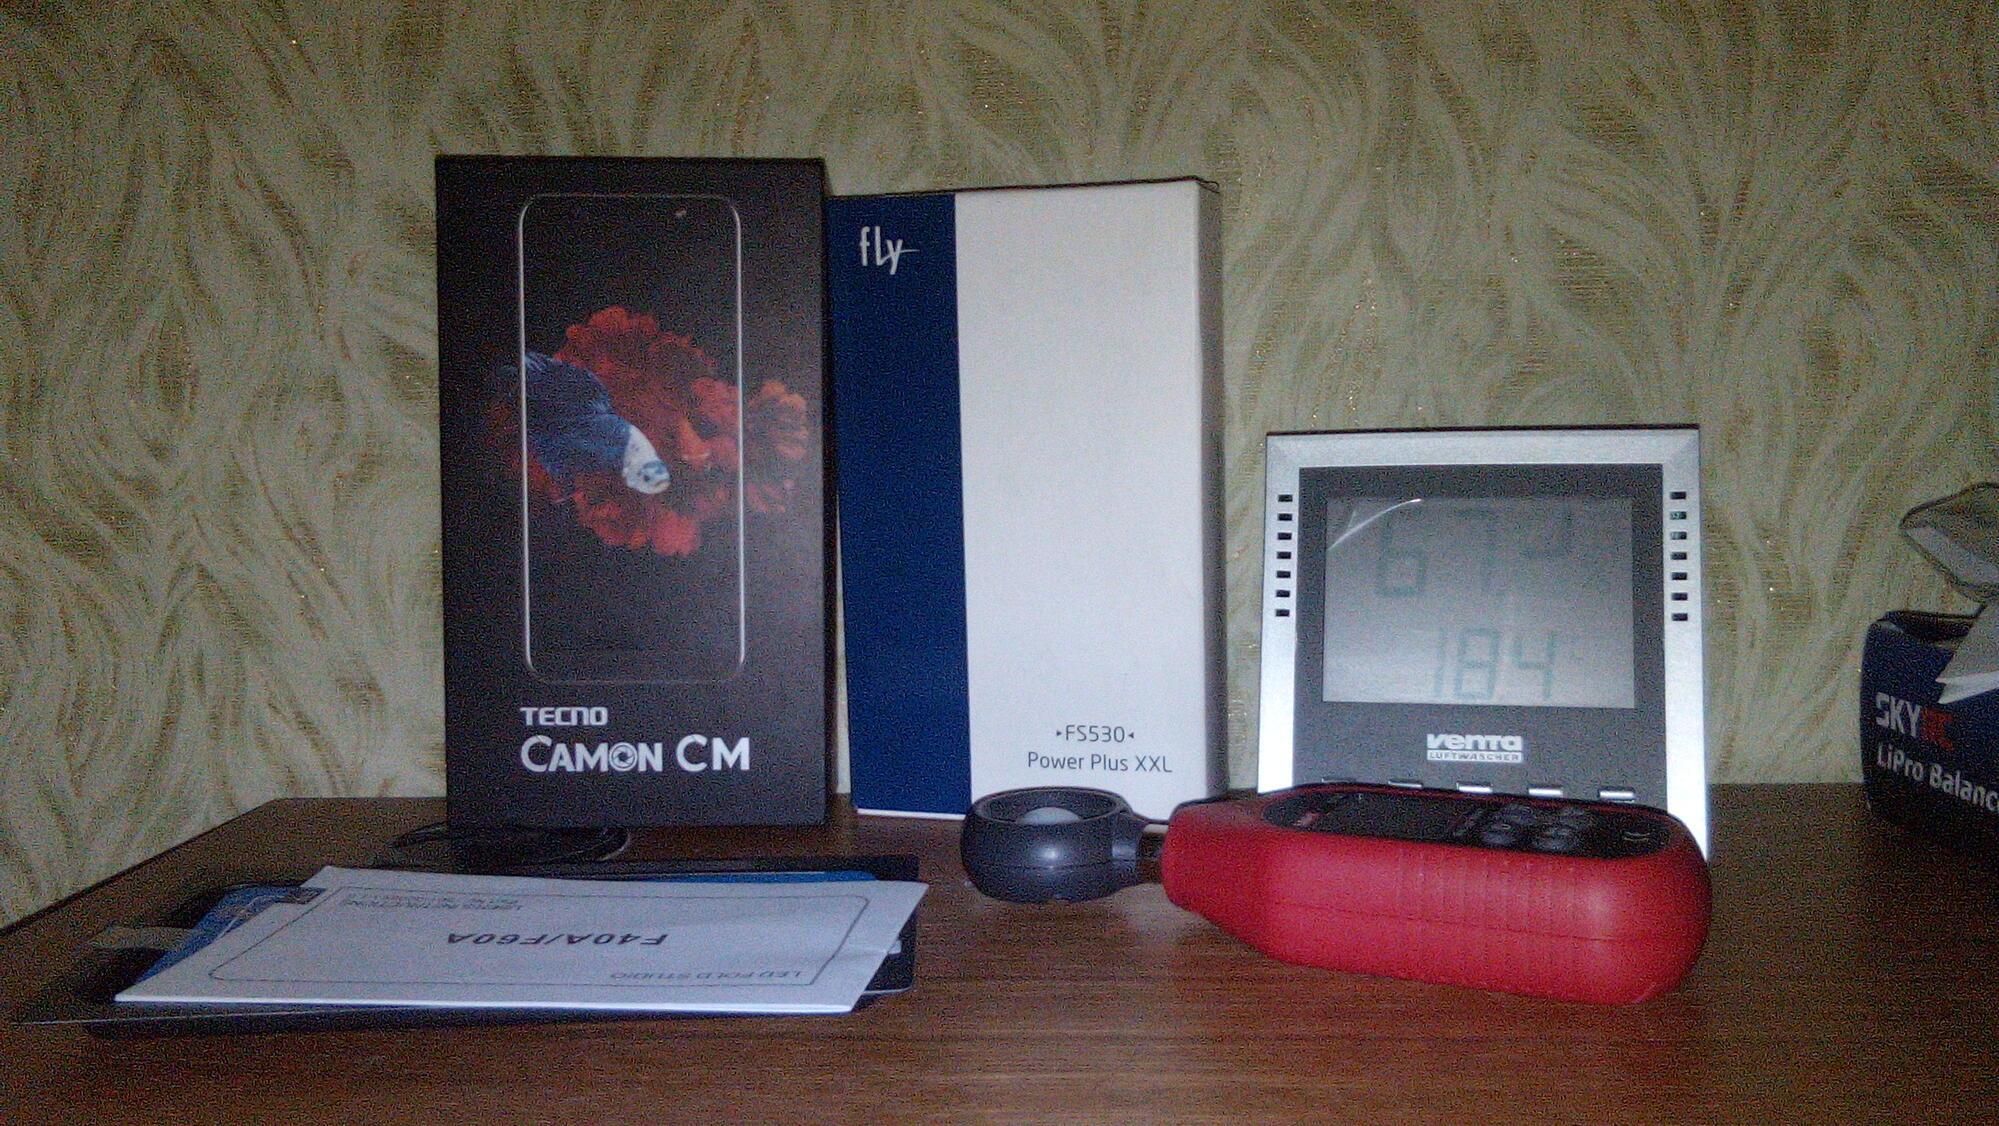 Smartfony i aksessuary - Obzor smartfona Black Fox B4 mini NFC: Hitryy byudzhetnyy Lis s podderzhkoy beskontaktnoy oplaty